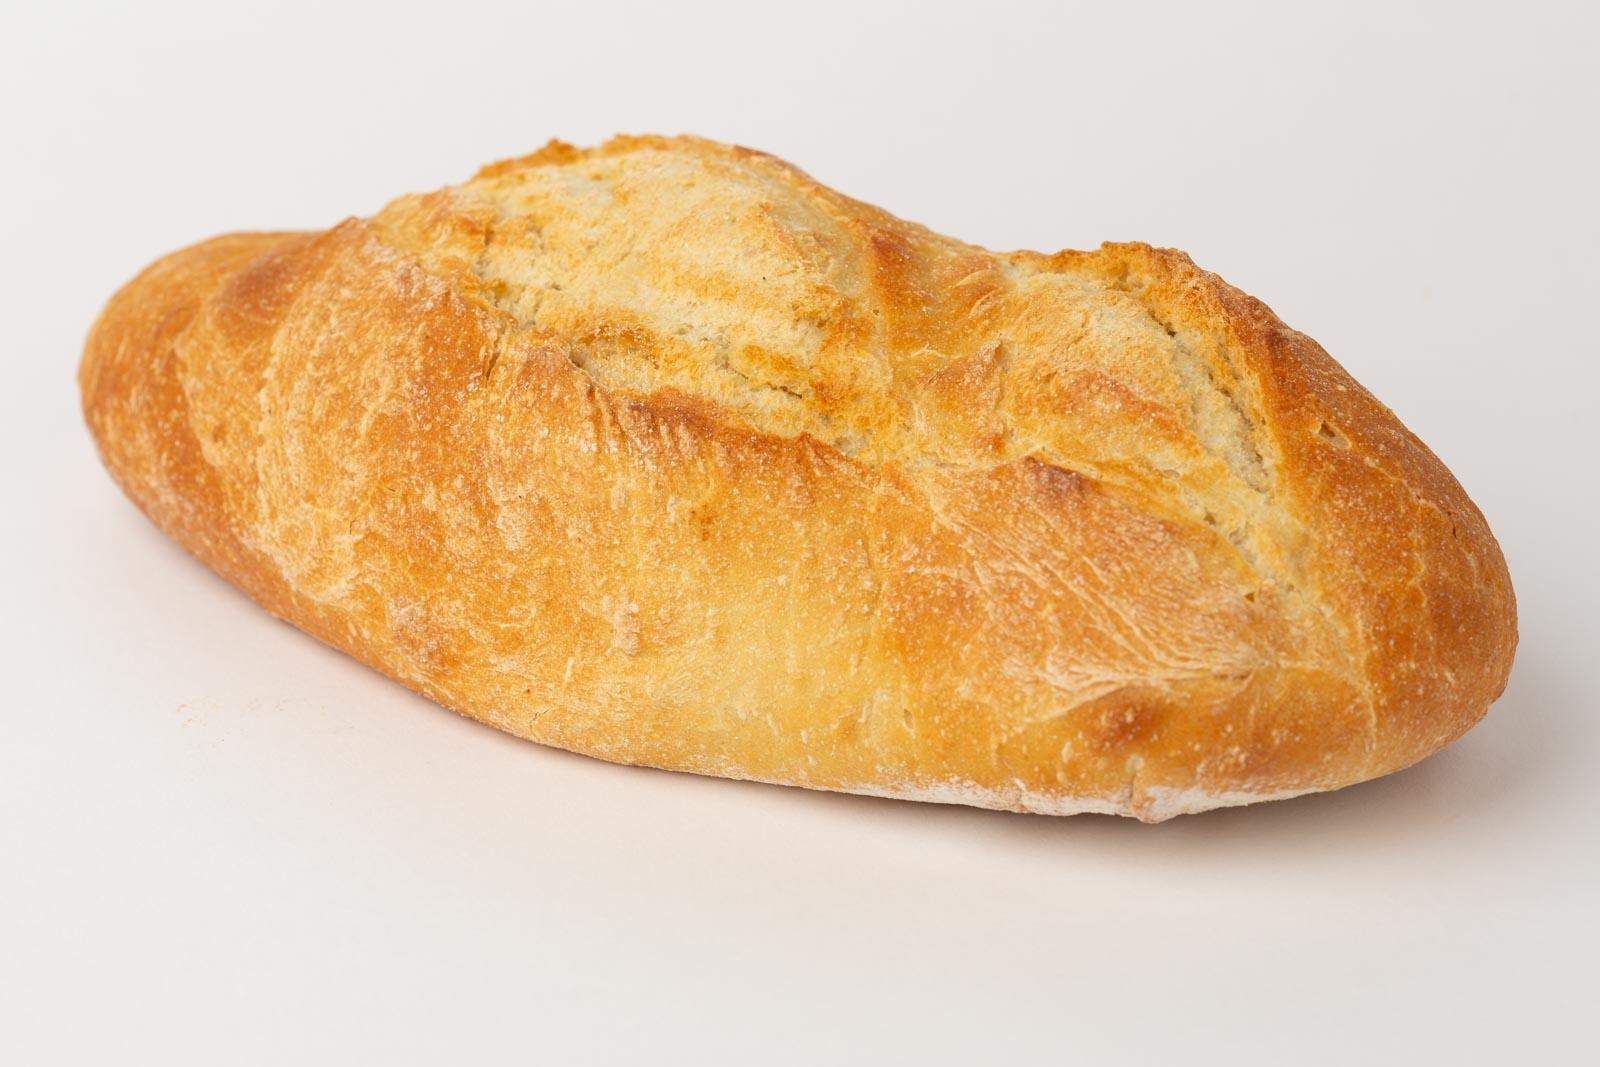 Brood op een witte tafel